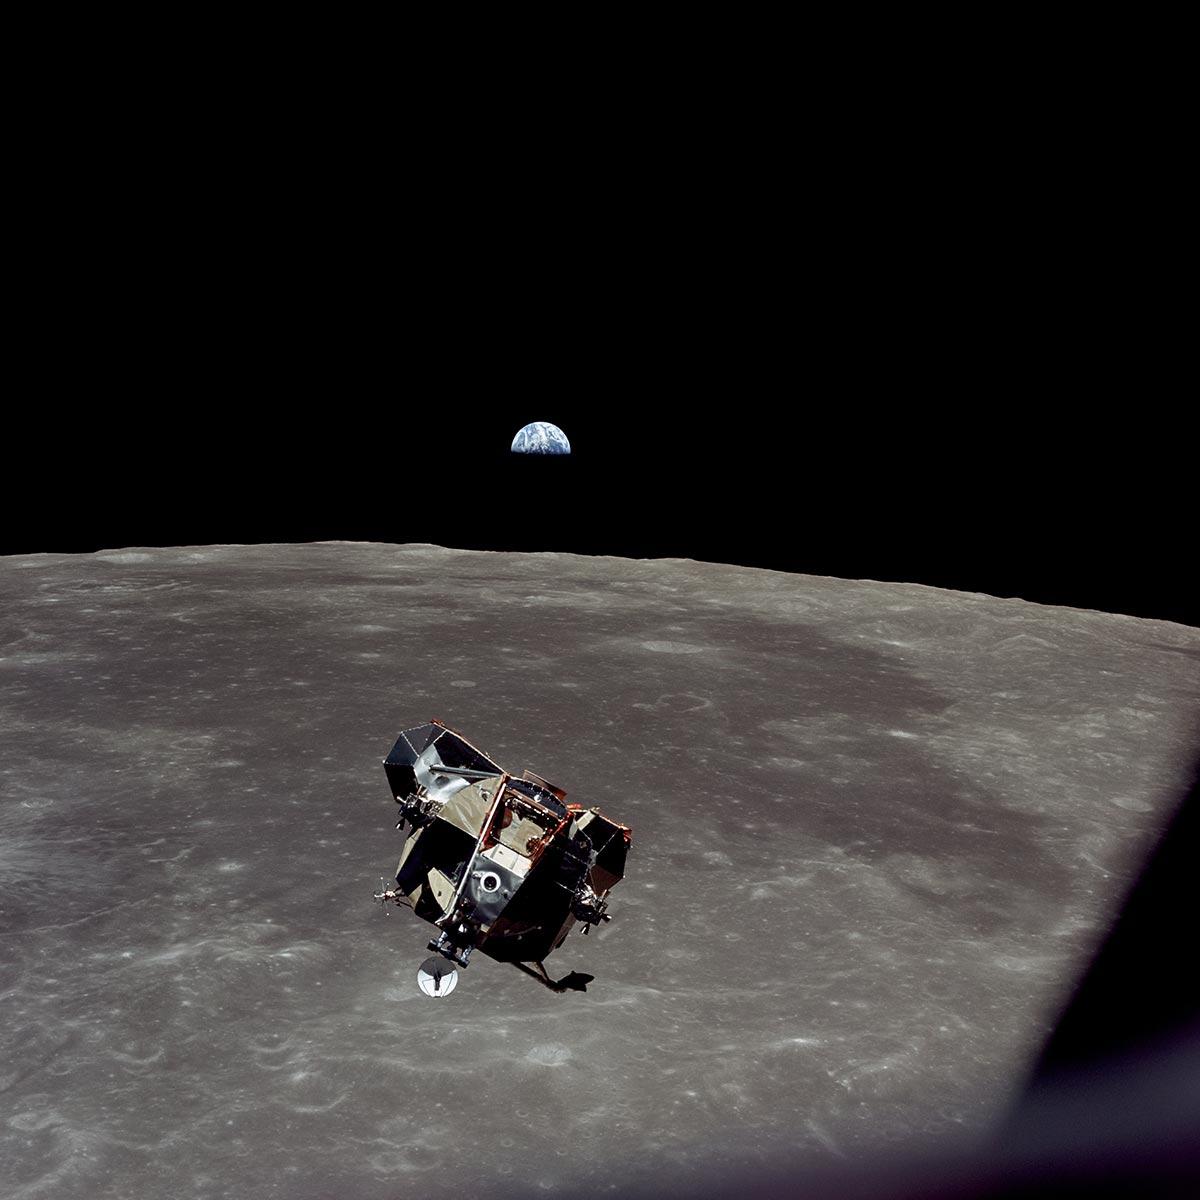 Una panoramica lunare con il LEM e la Terra fotografata da Michael Collins dell'Apollo 11